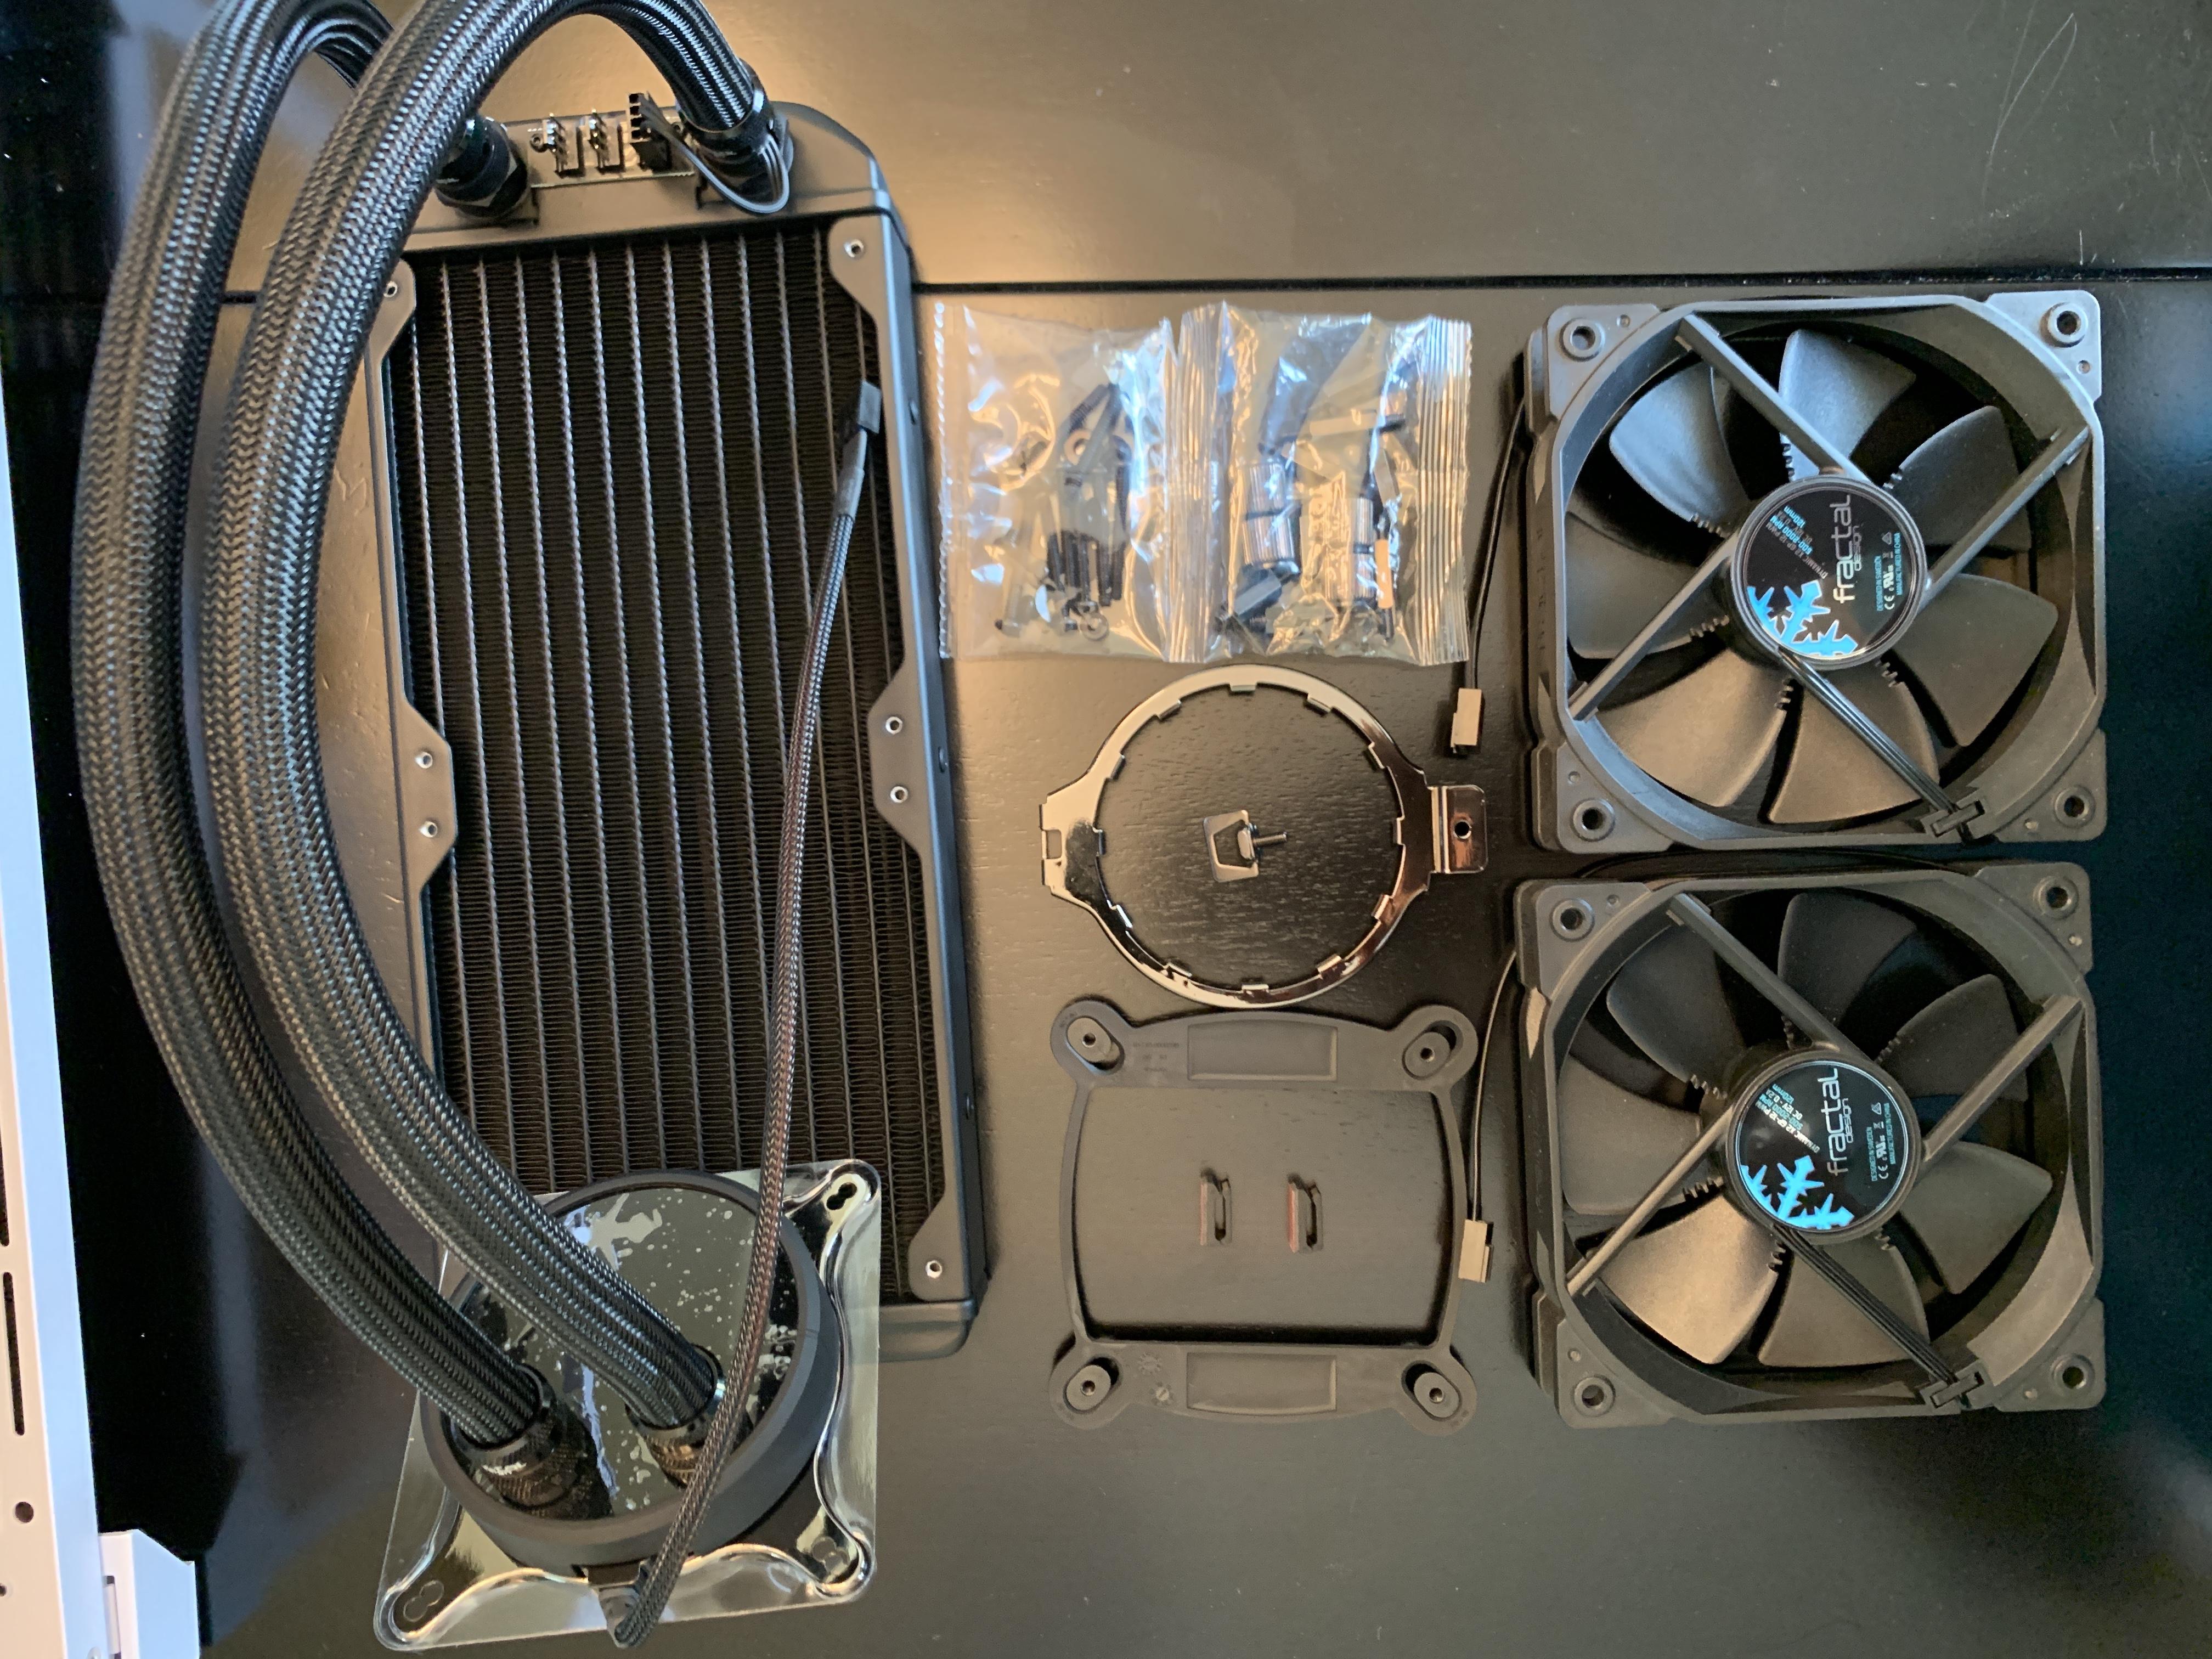 Fractal Design Celsius S24 Aio Cpu Cooler Review